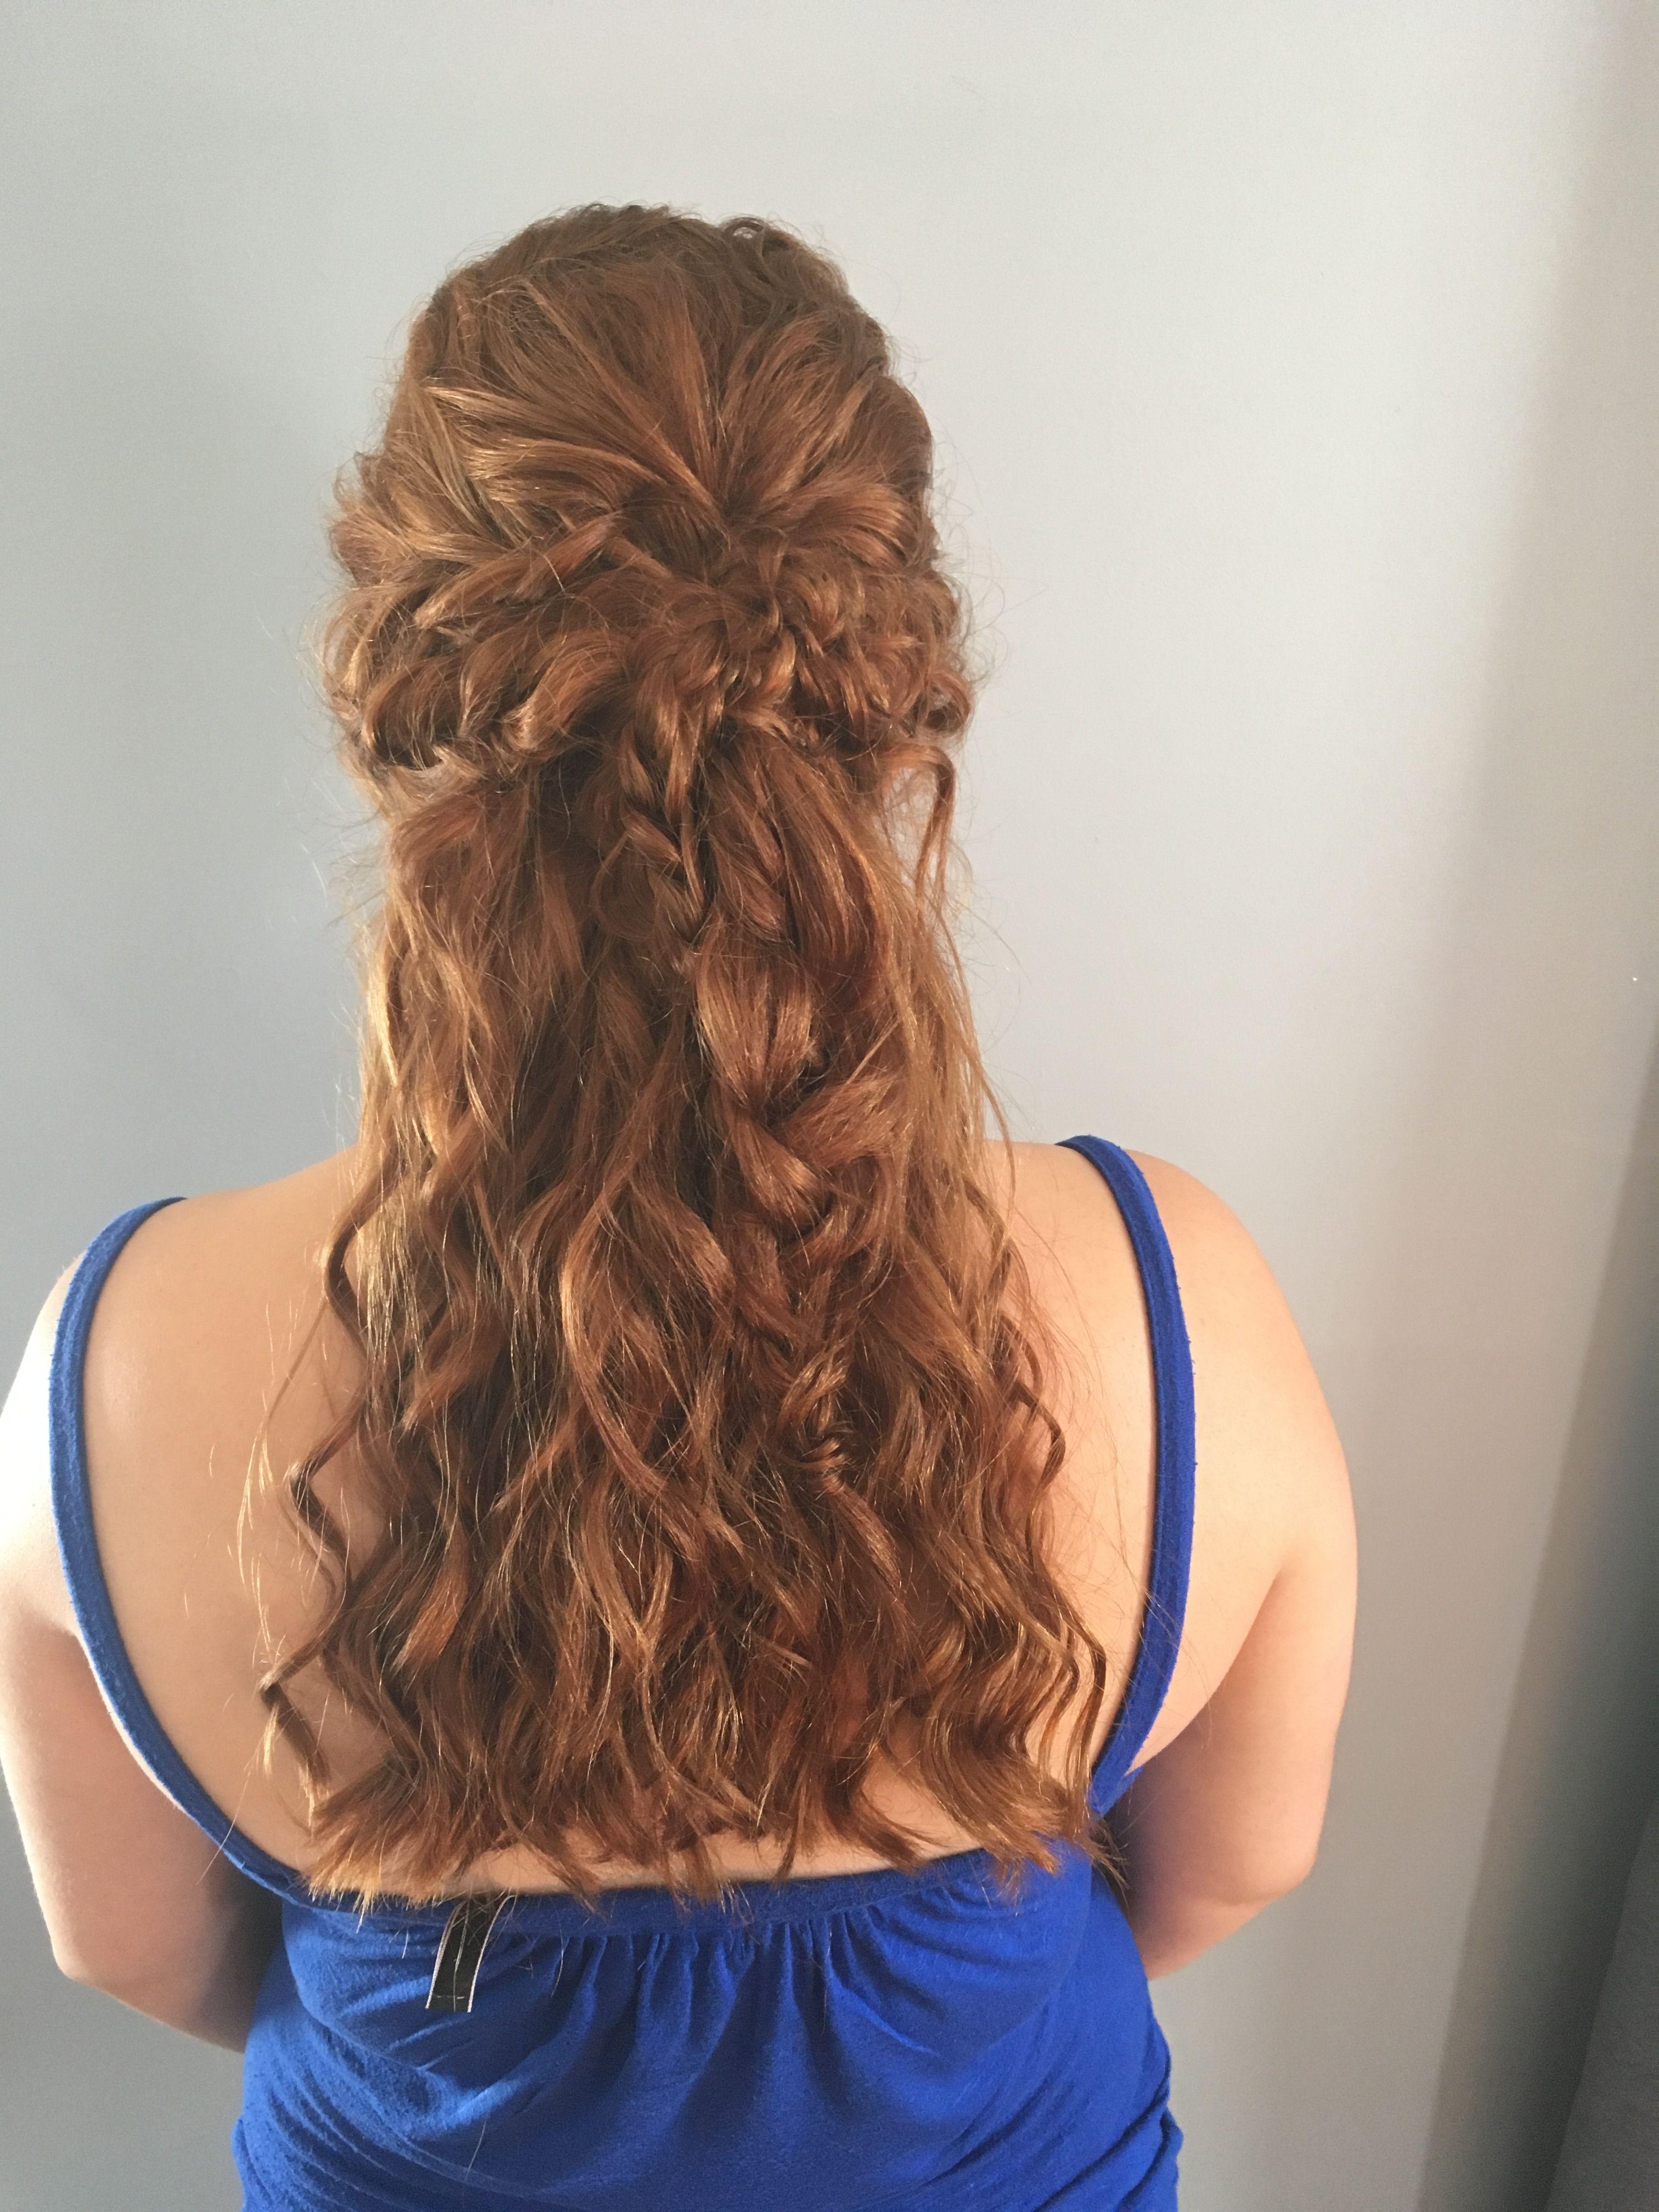 Half updo braid red hair my work pinterest half updo red hair